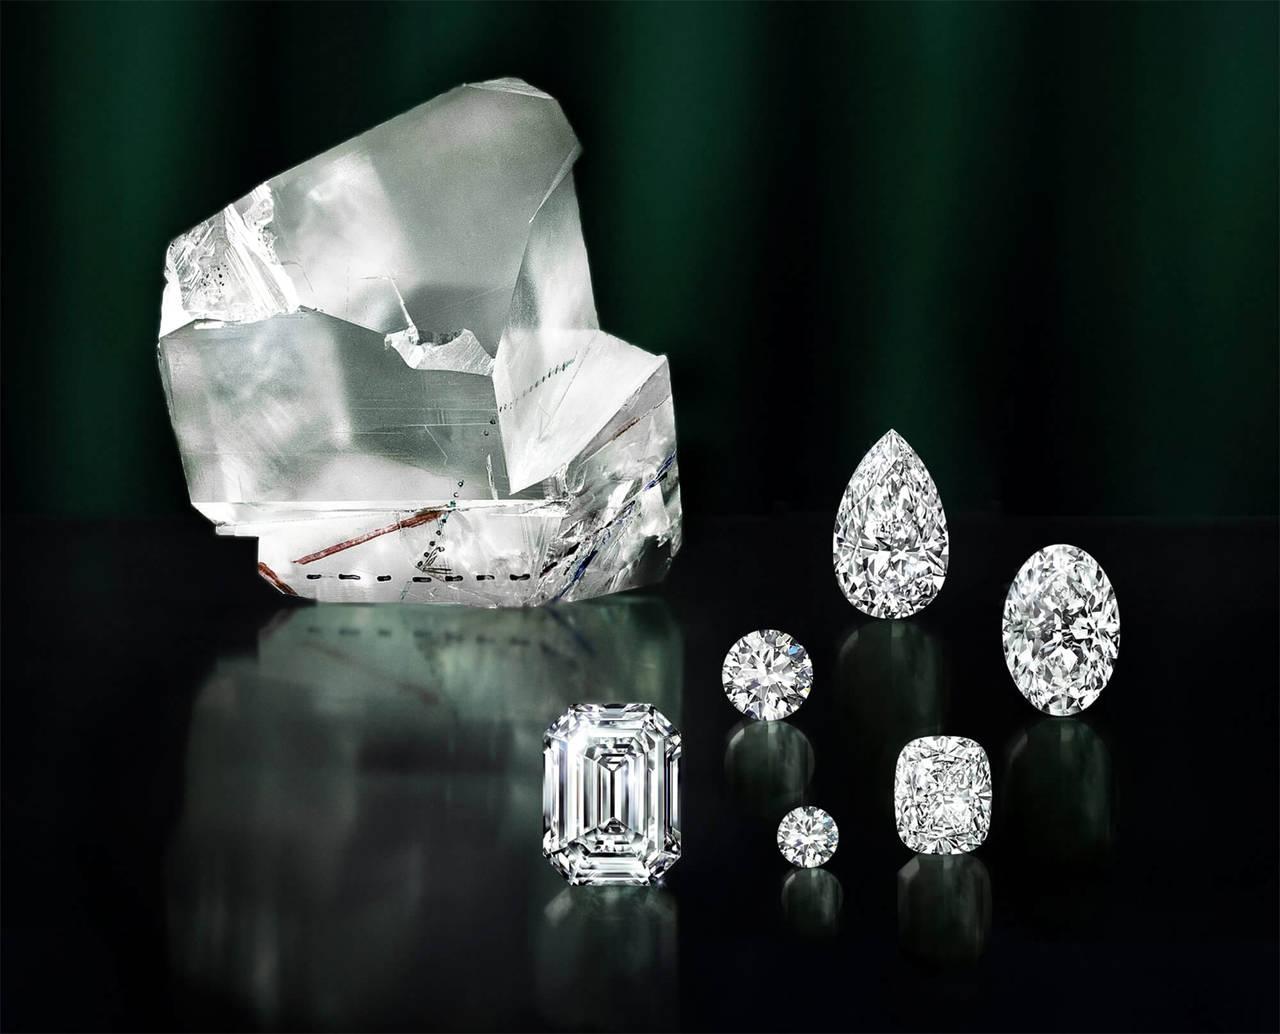 El diamante en bruto más grande del mundo muestra sus facetas